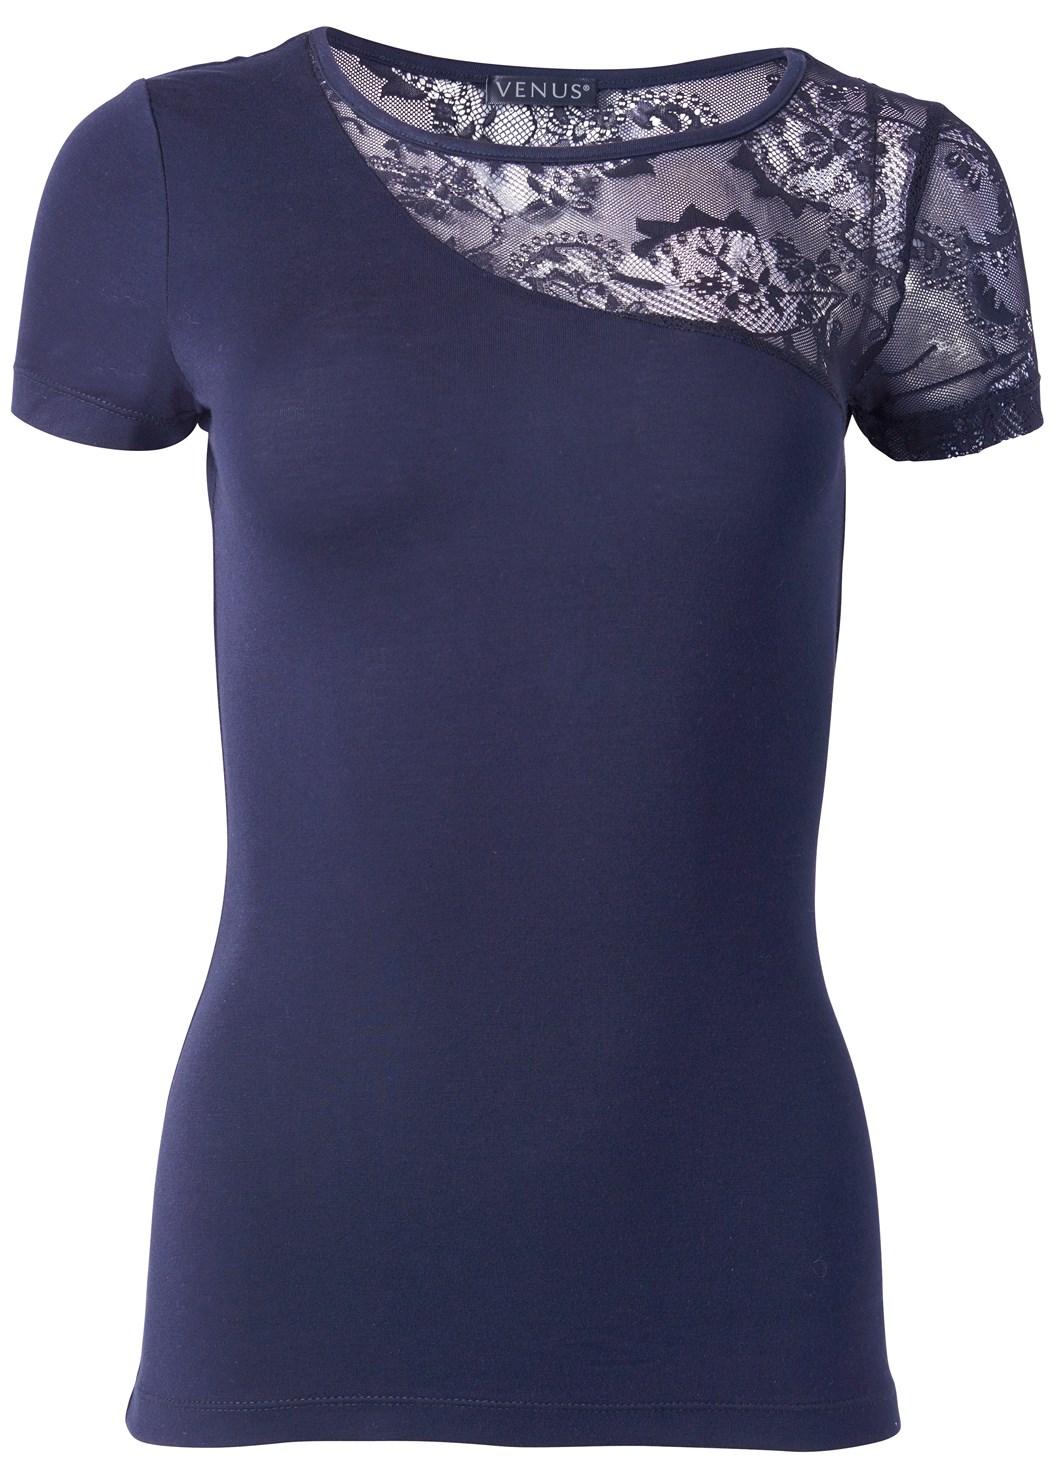 Lace Detail Top,Color Capri Jeans